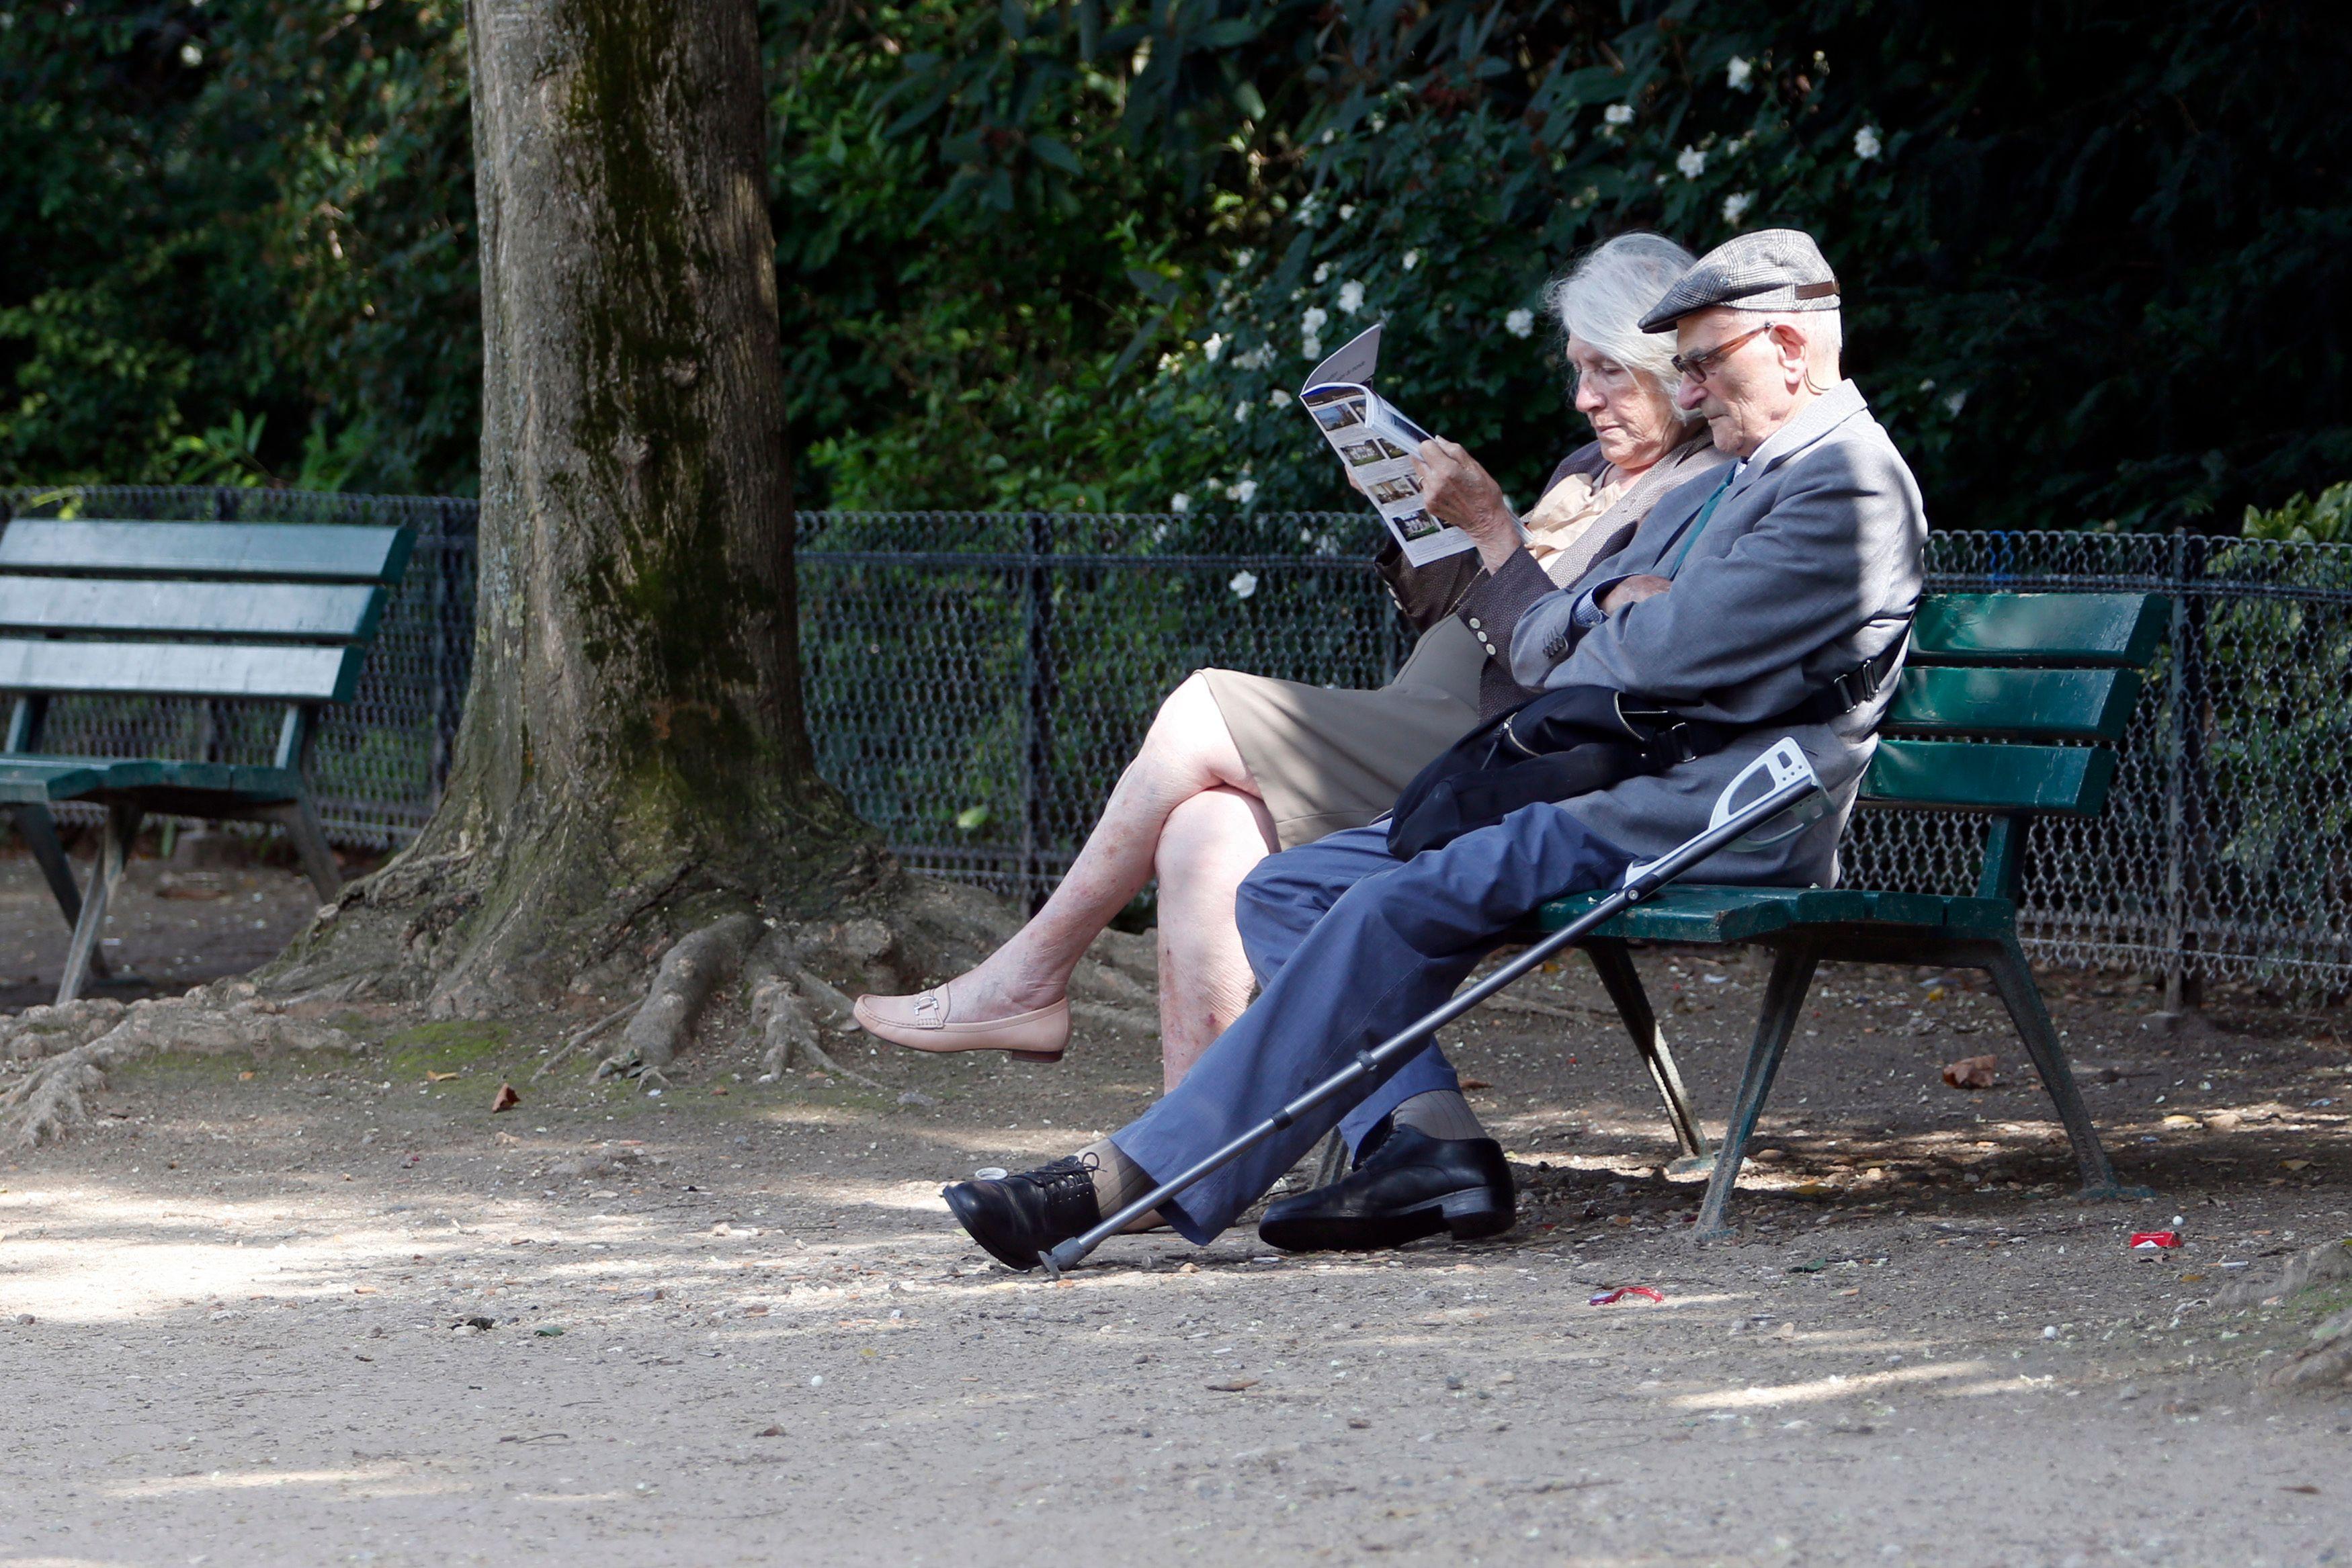 En France, le pouvoir d'achat des retraités est supérieur à la moyenne nationale.